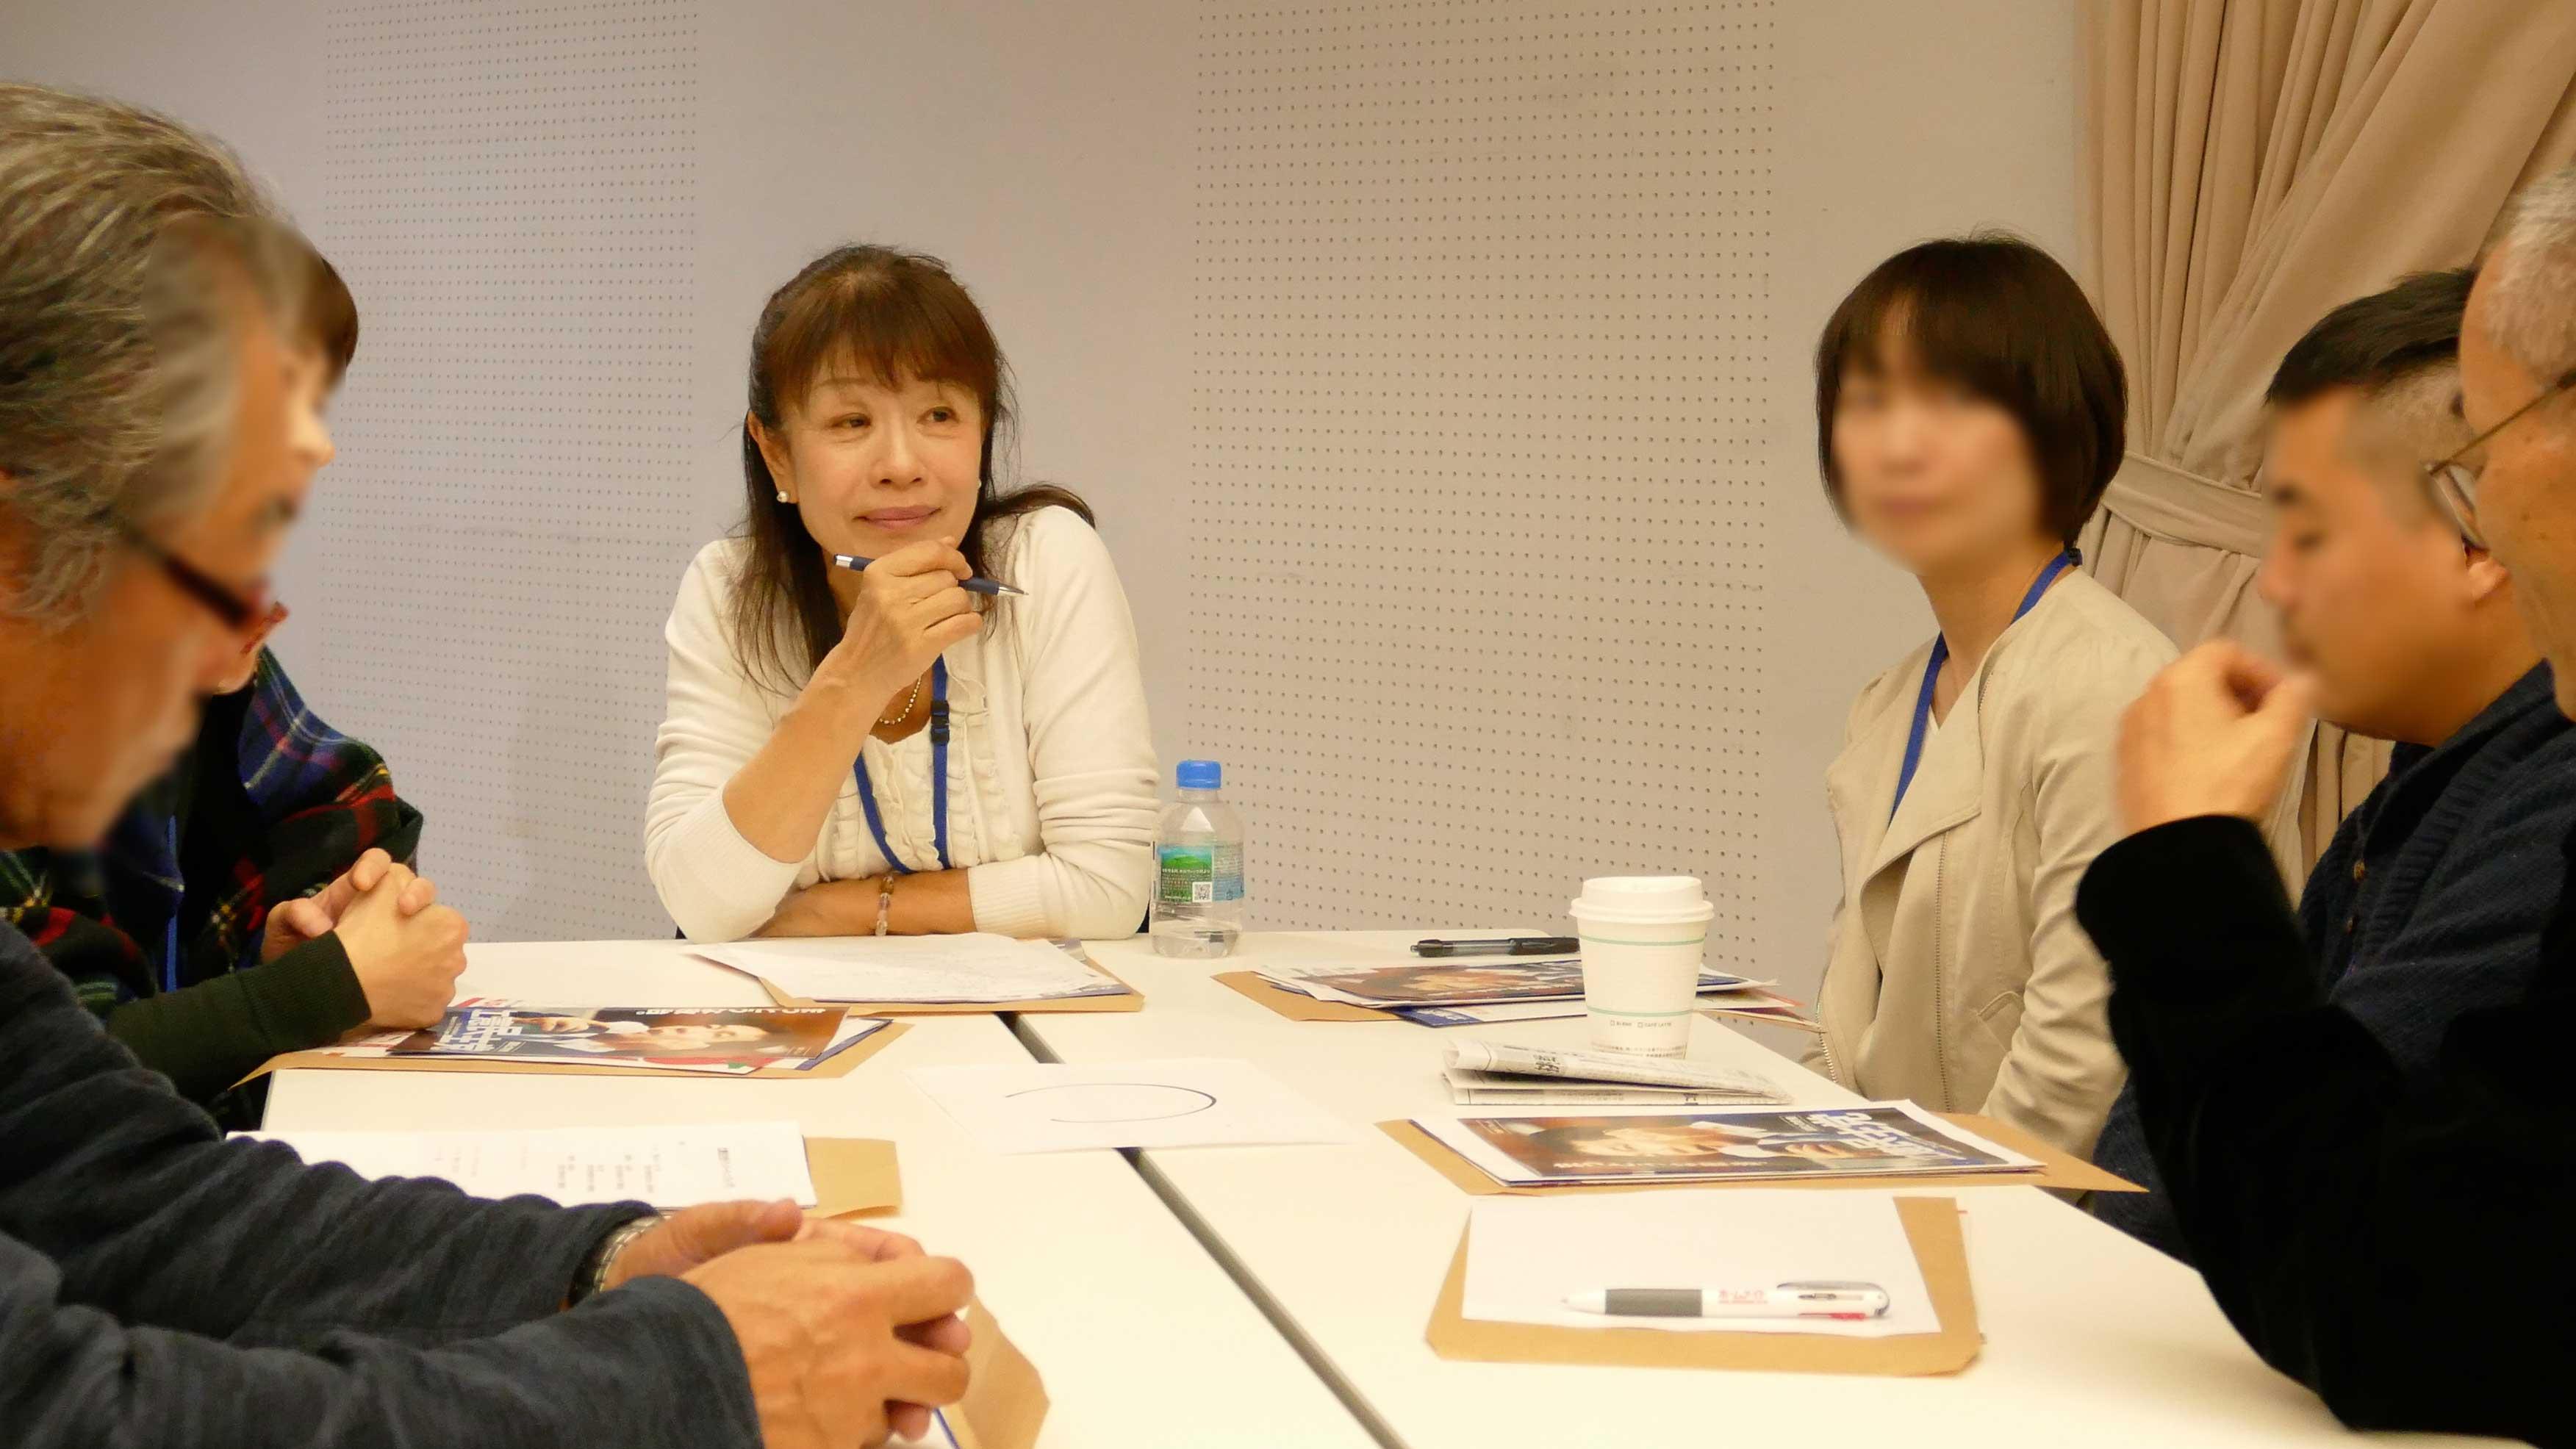 はくいし惠子島根県議会議員 グループディスカッション 2018年11月18日立憲民主党タウンミーティングinいずも